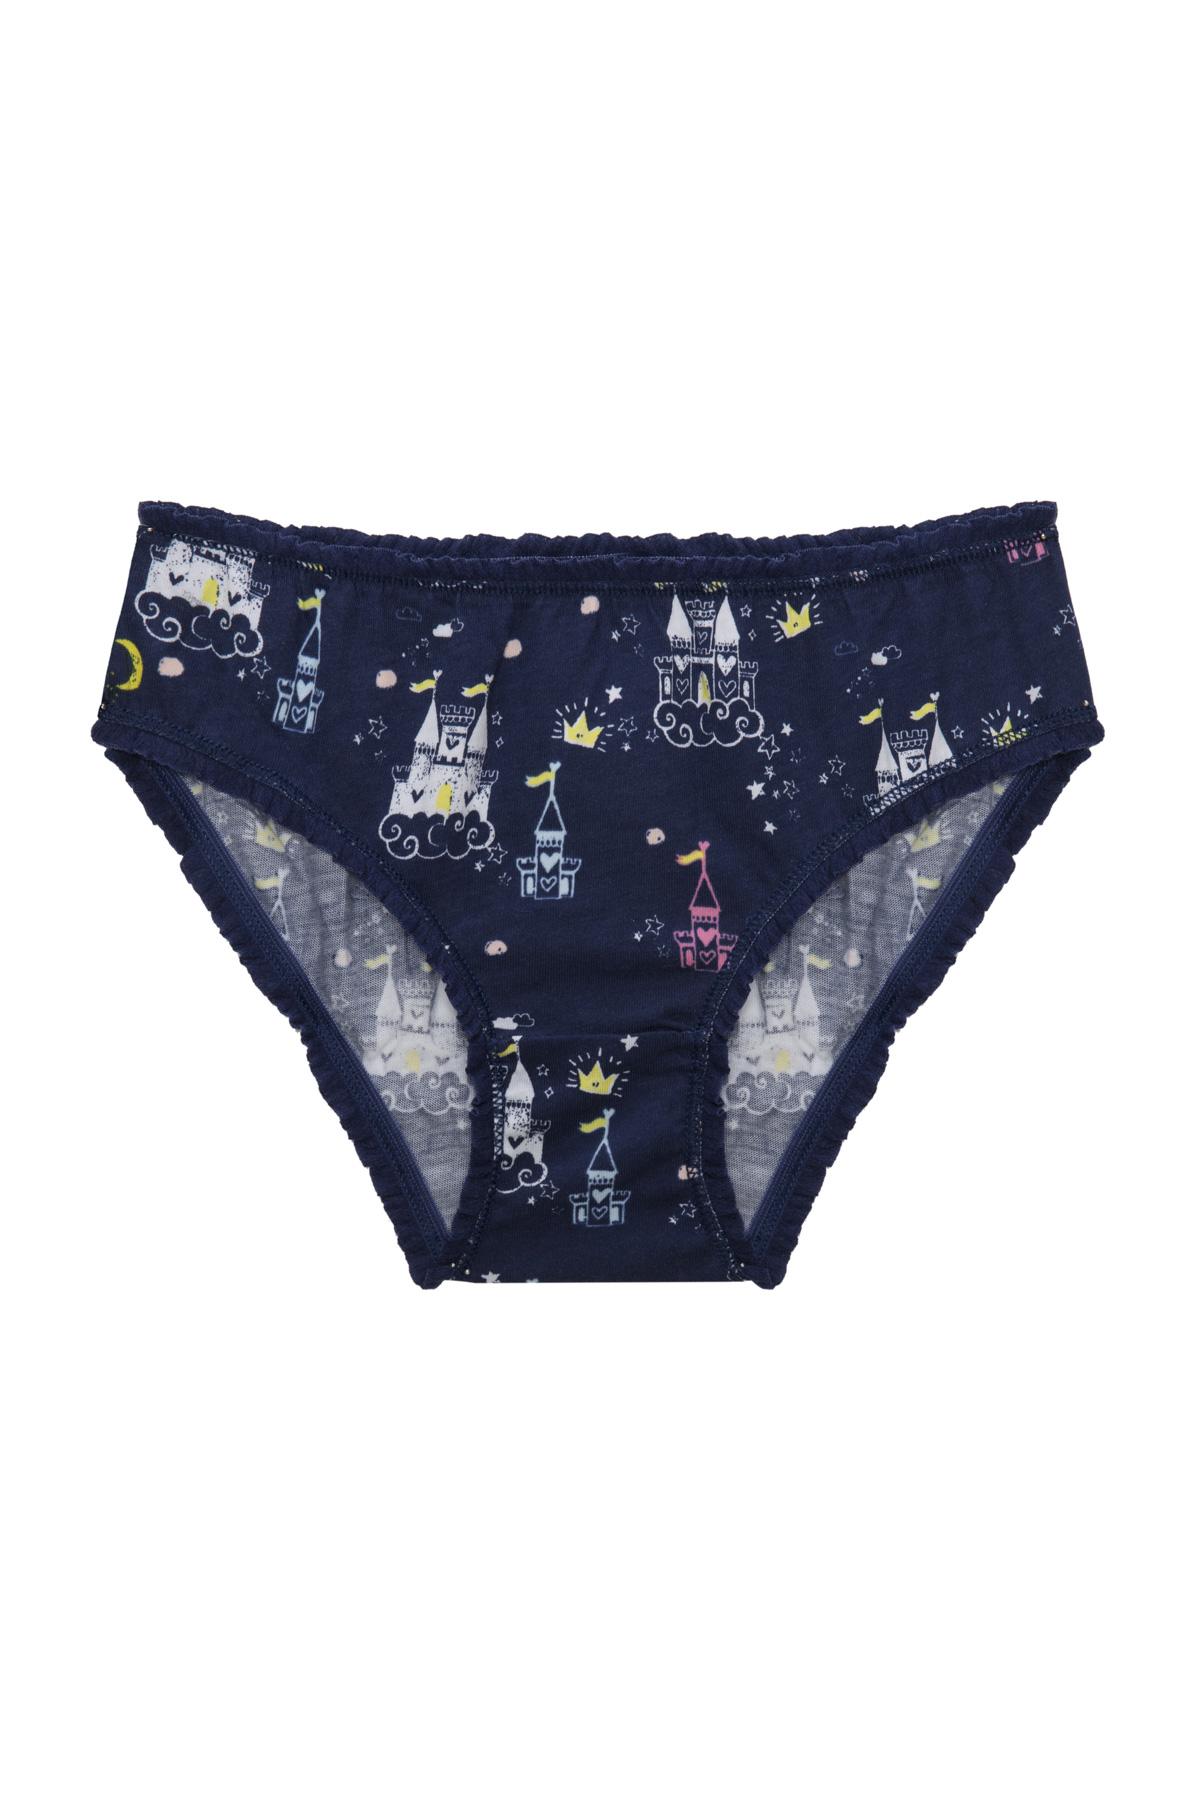 Girls Dreamland 3 in 1 Slip Panties